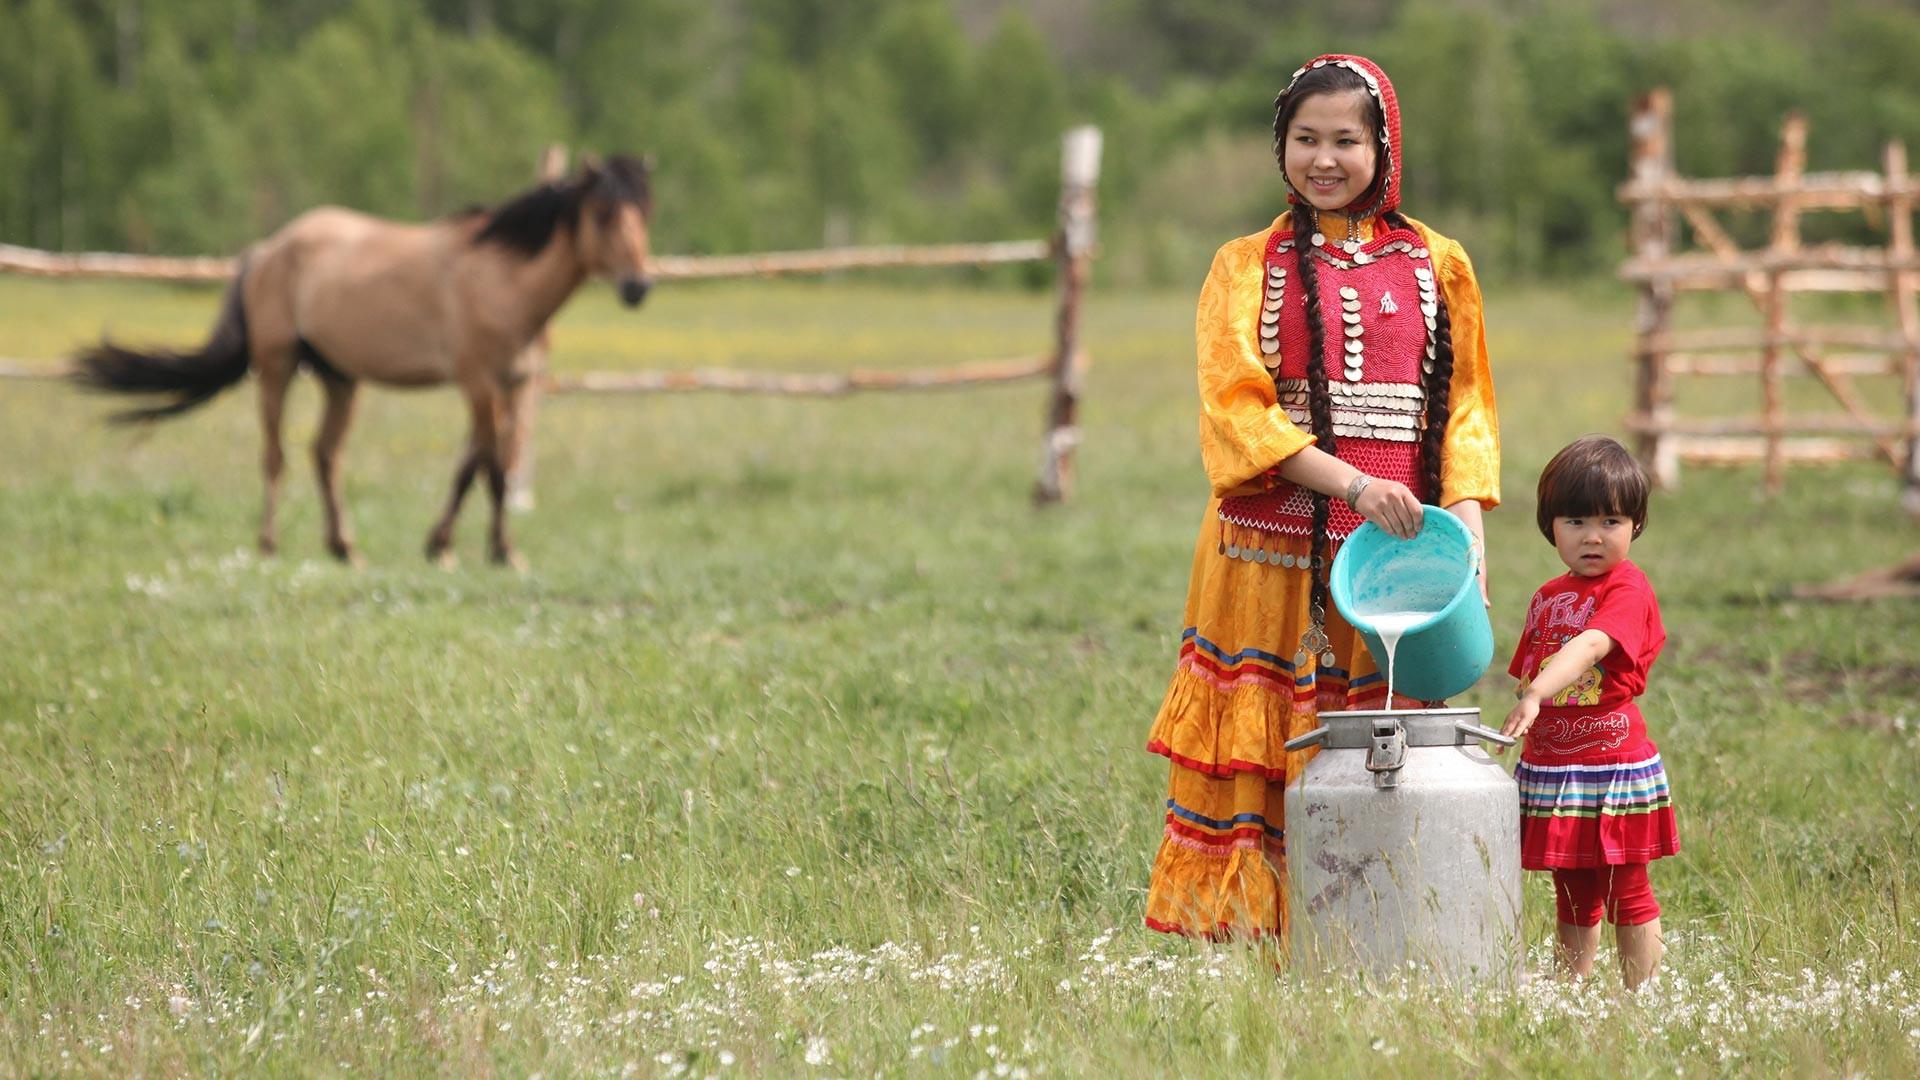 Башкирия. Переливание молока после доения кобылы на частной ферме по производству кумыса.